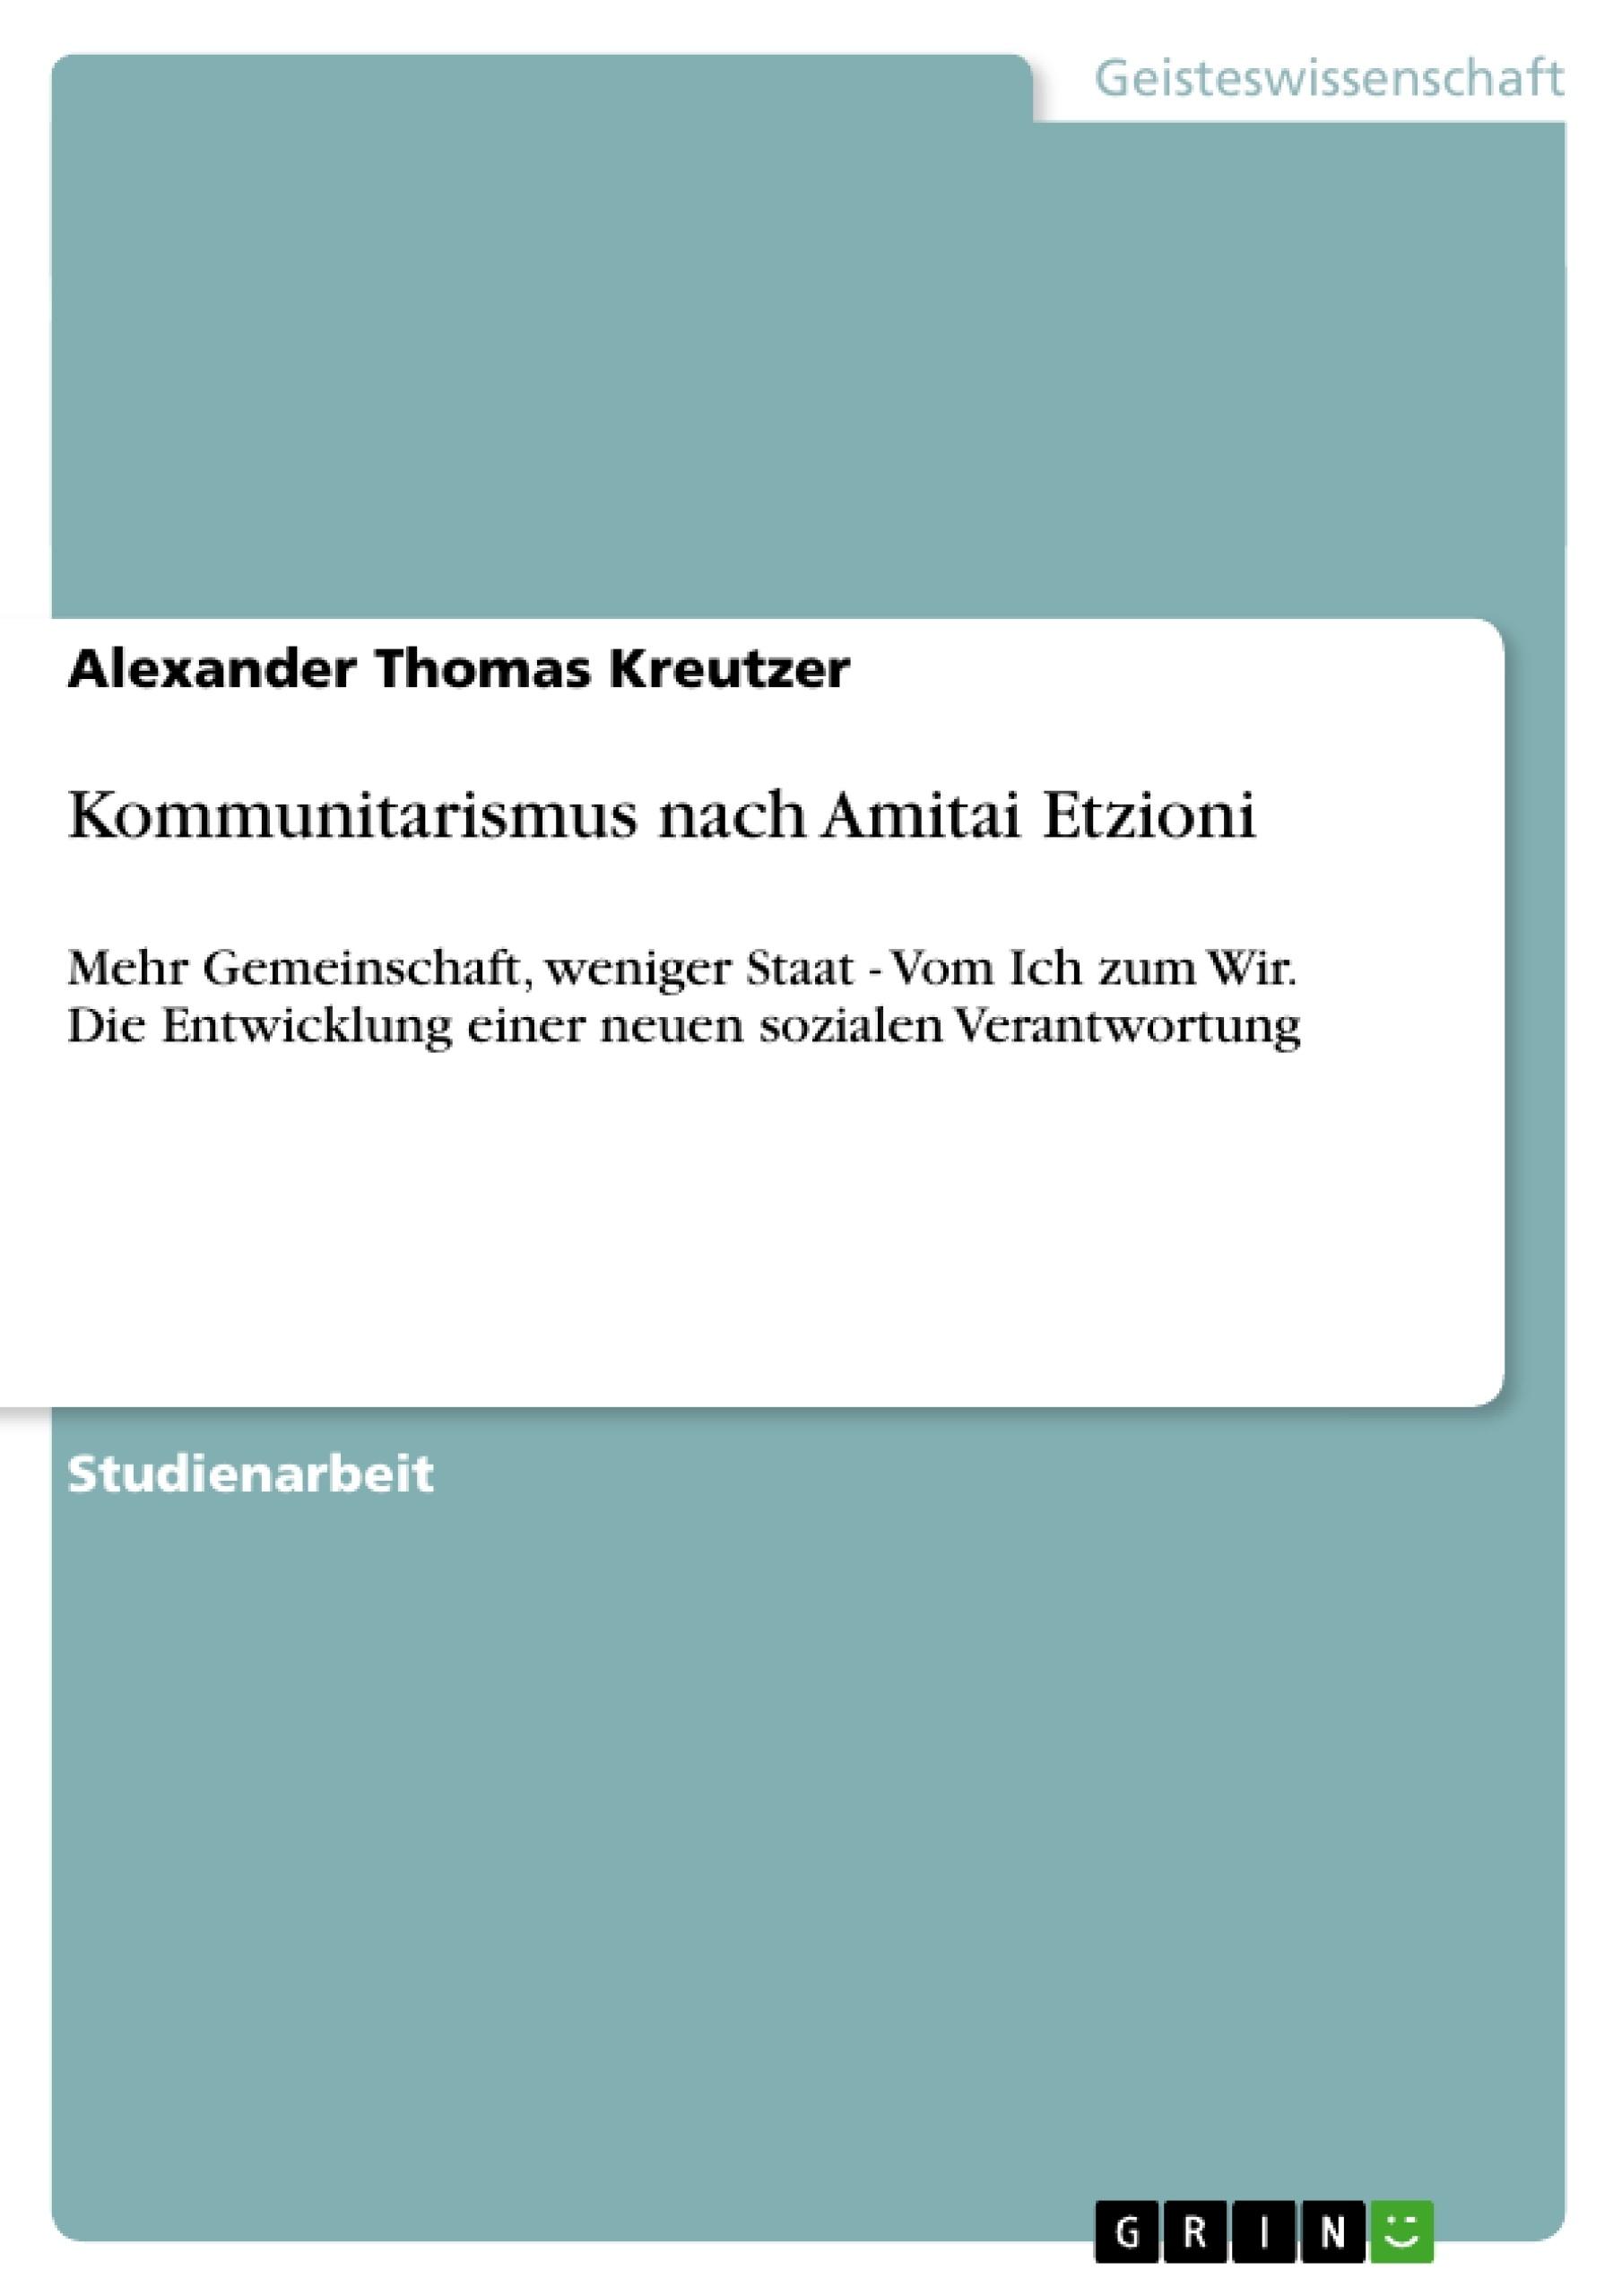 Titel: Kommunitarismus nach Amitai Etzioni